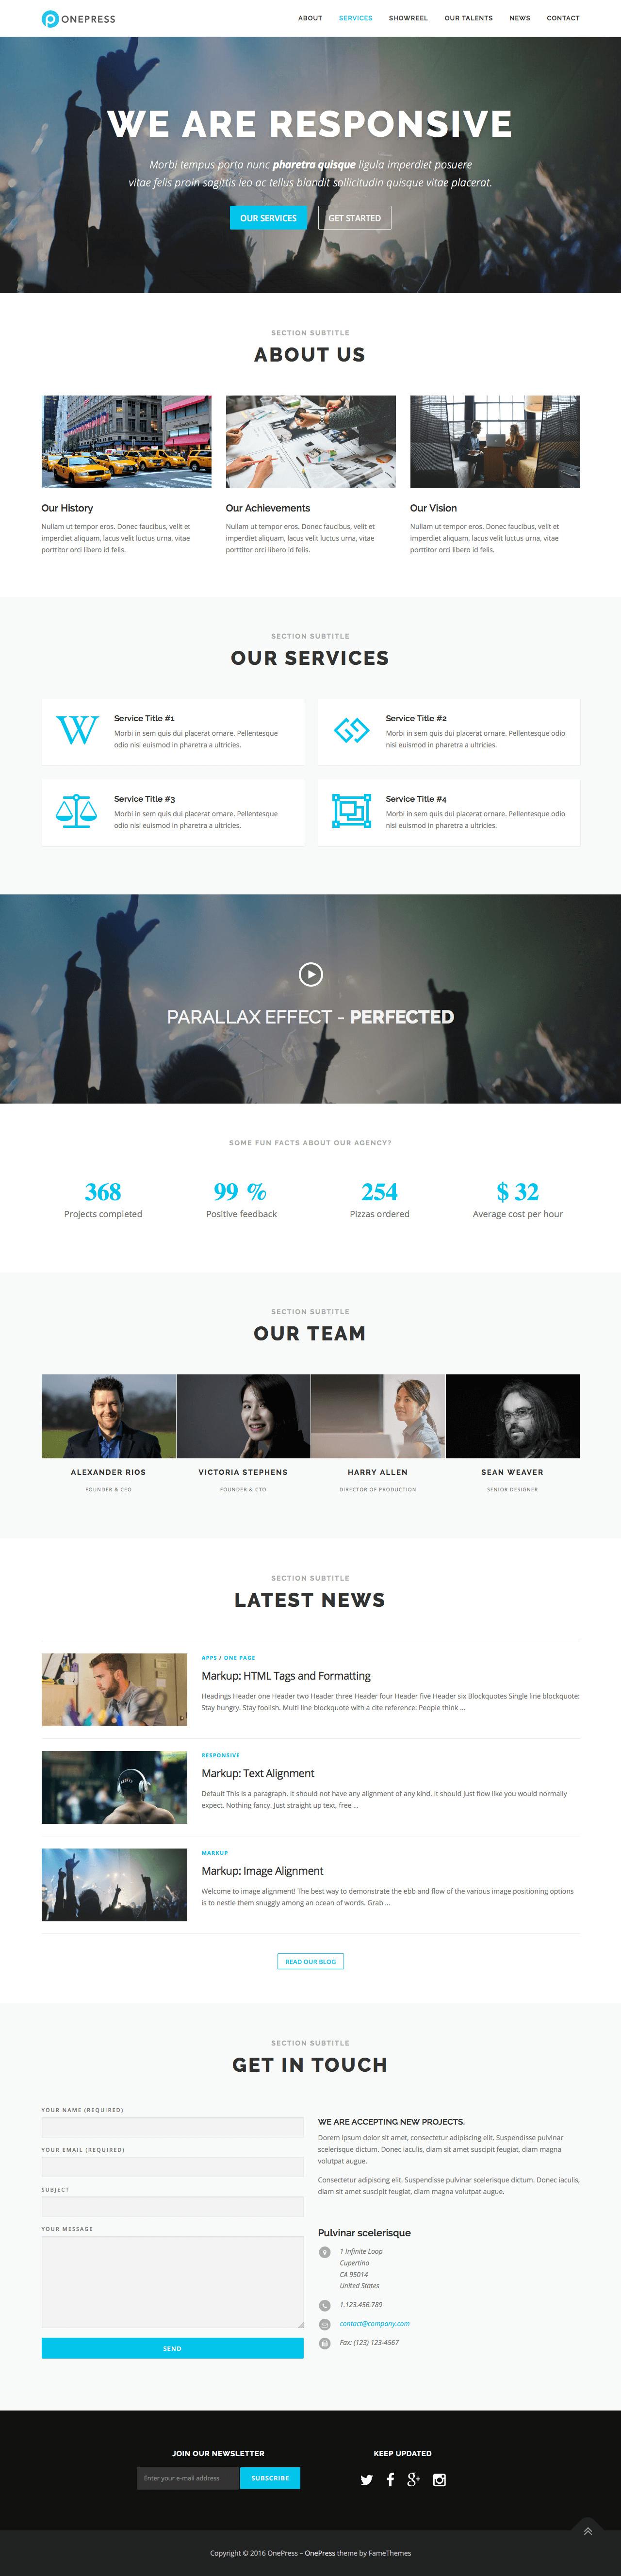 OnePress Website Screenshot